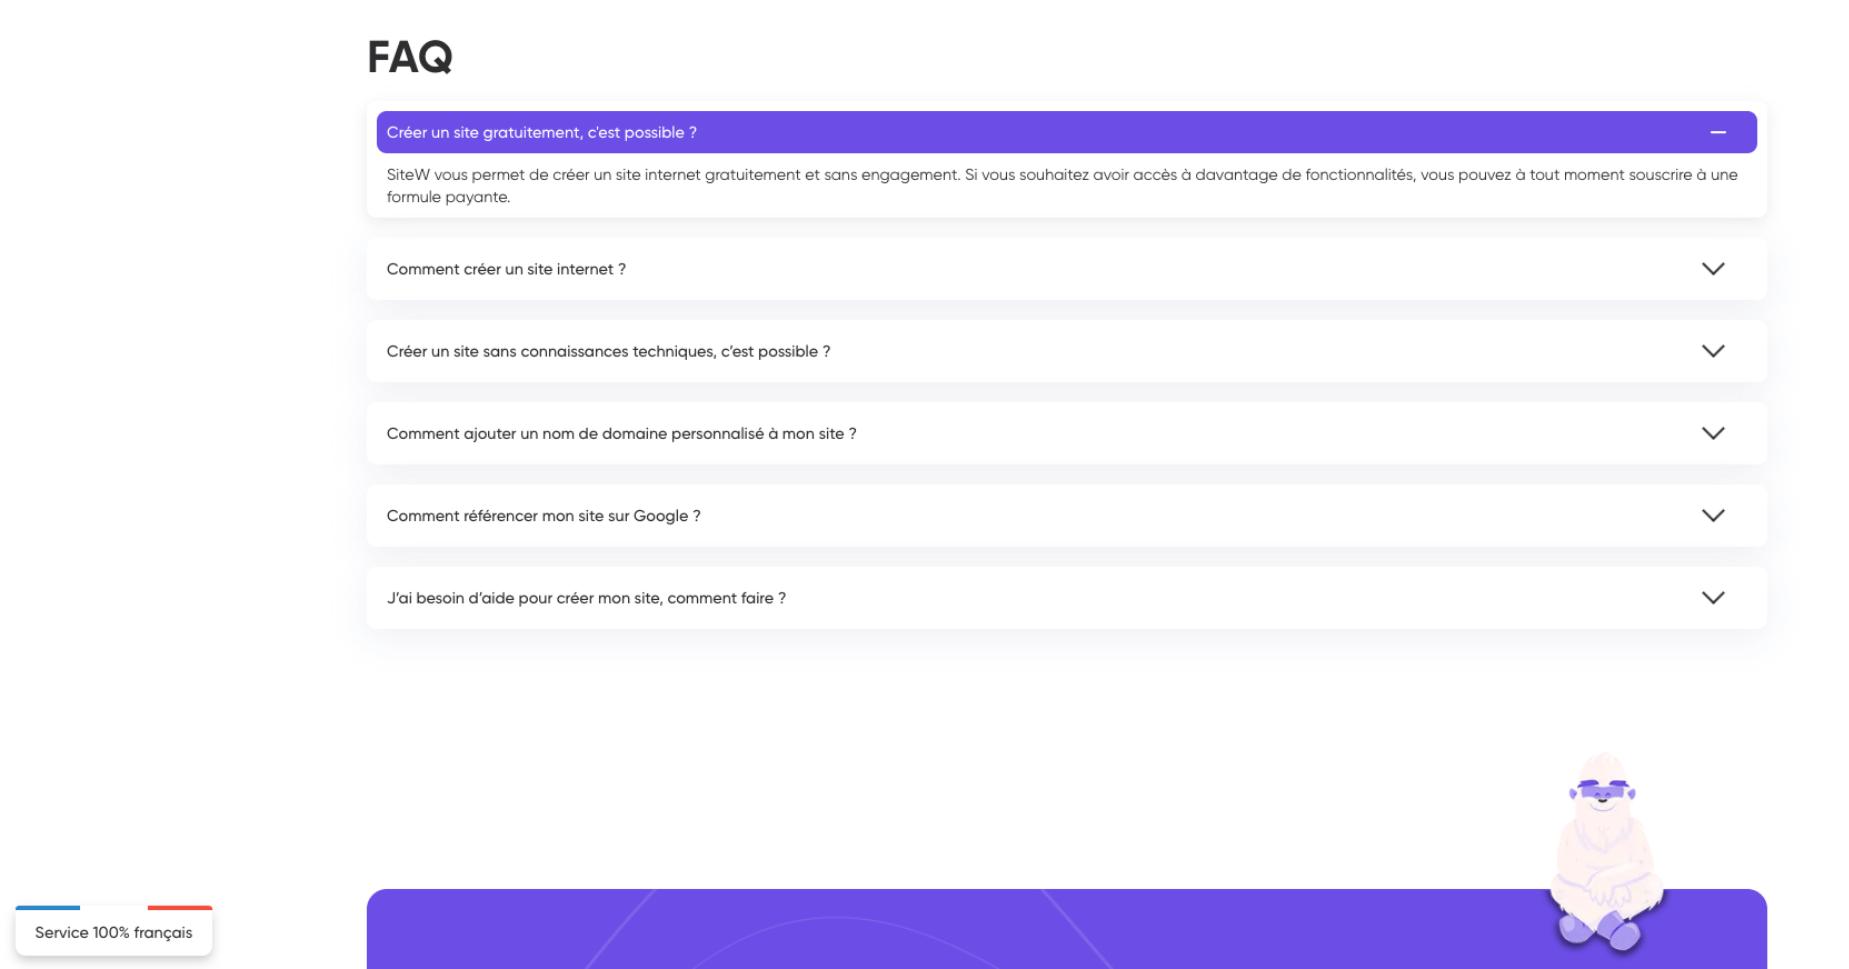 SiteW FAQ